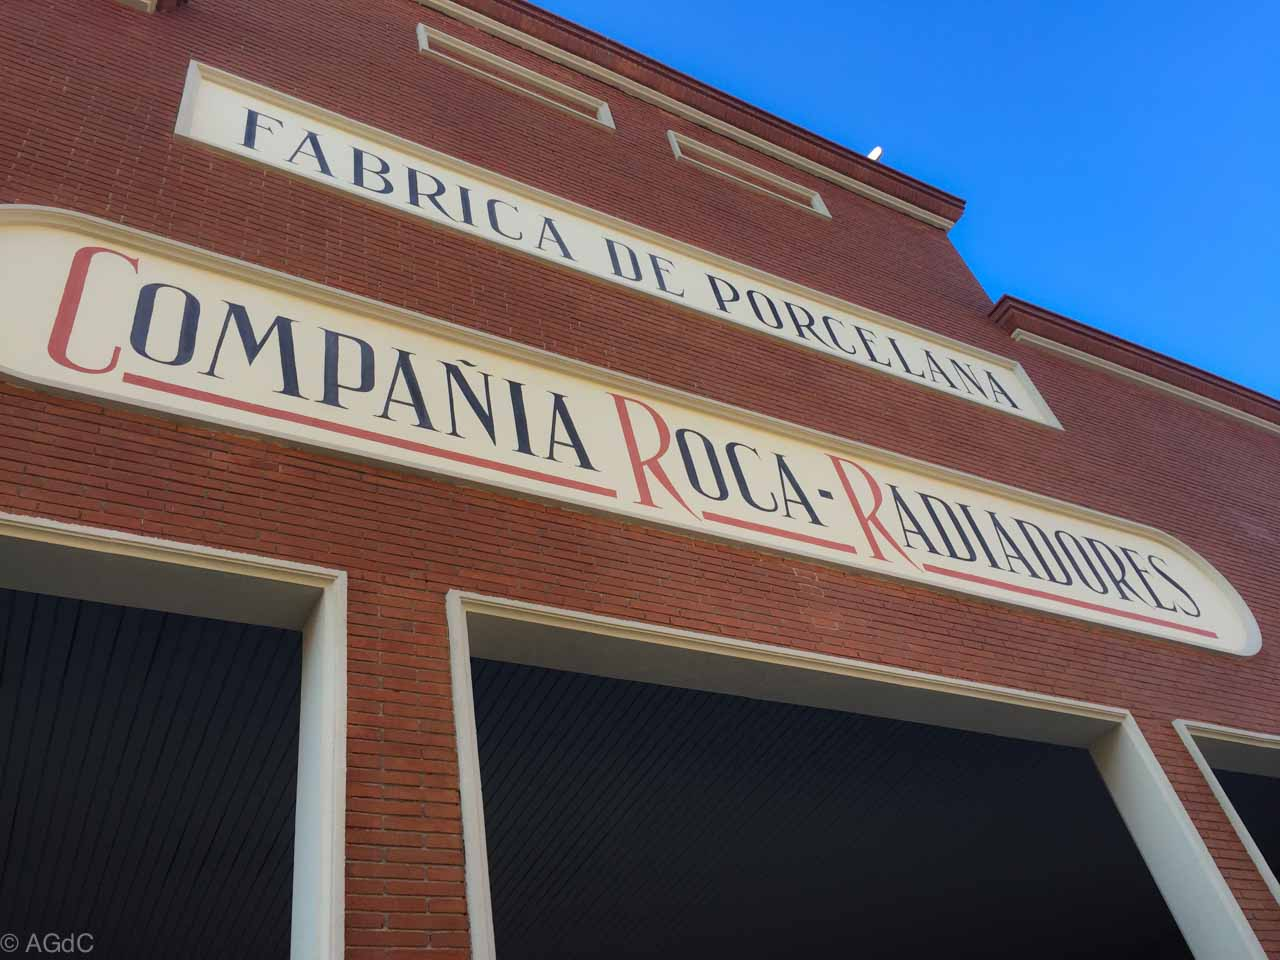 Barcelona archivos garcia de celis for Fabrica de sanitarios roca